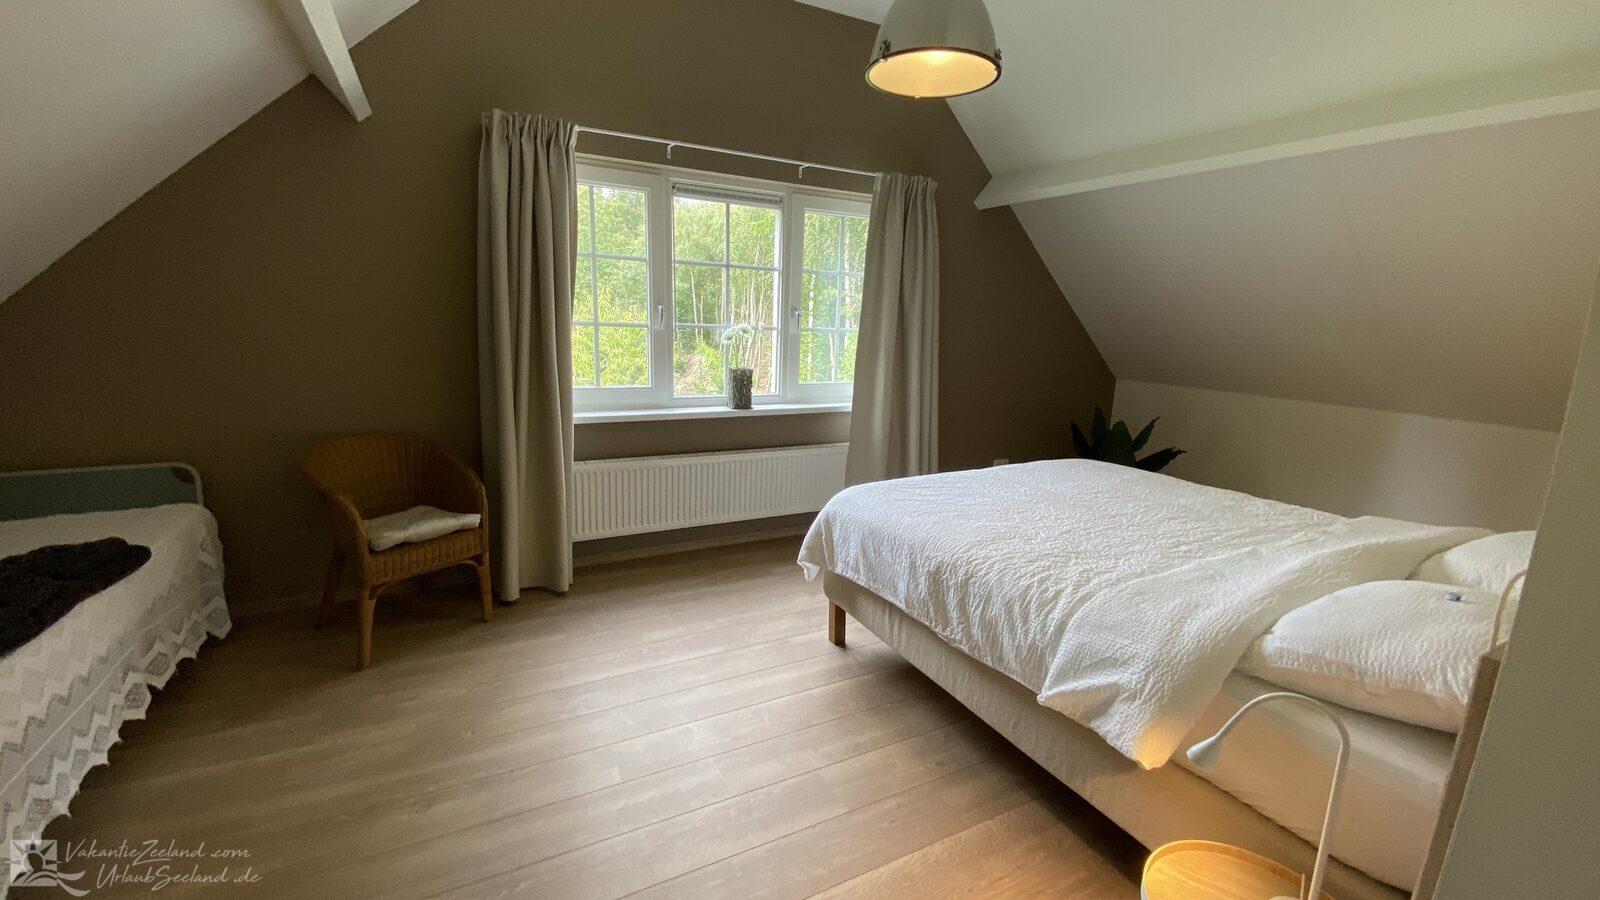 VZ892 Vakantiehuis in Hulst